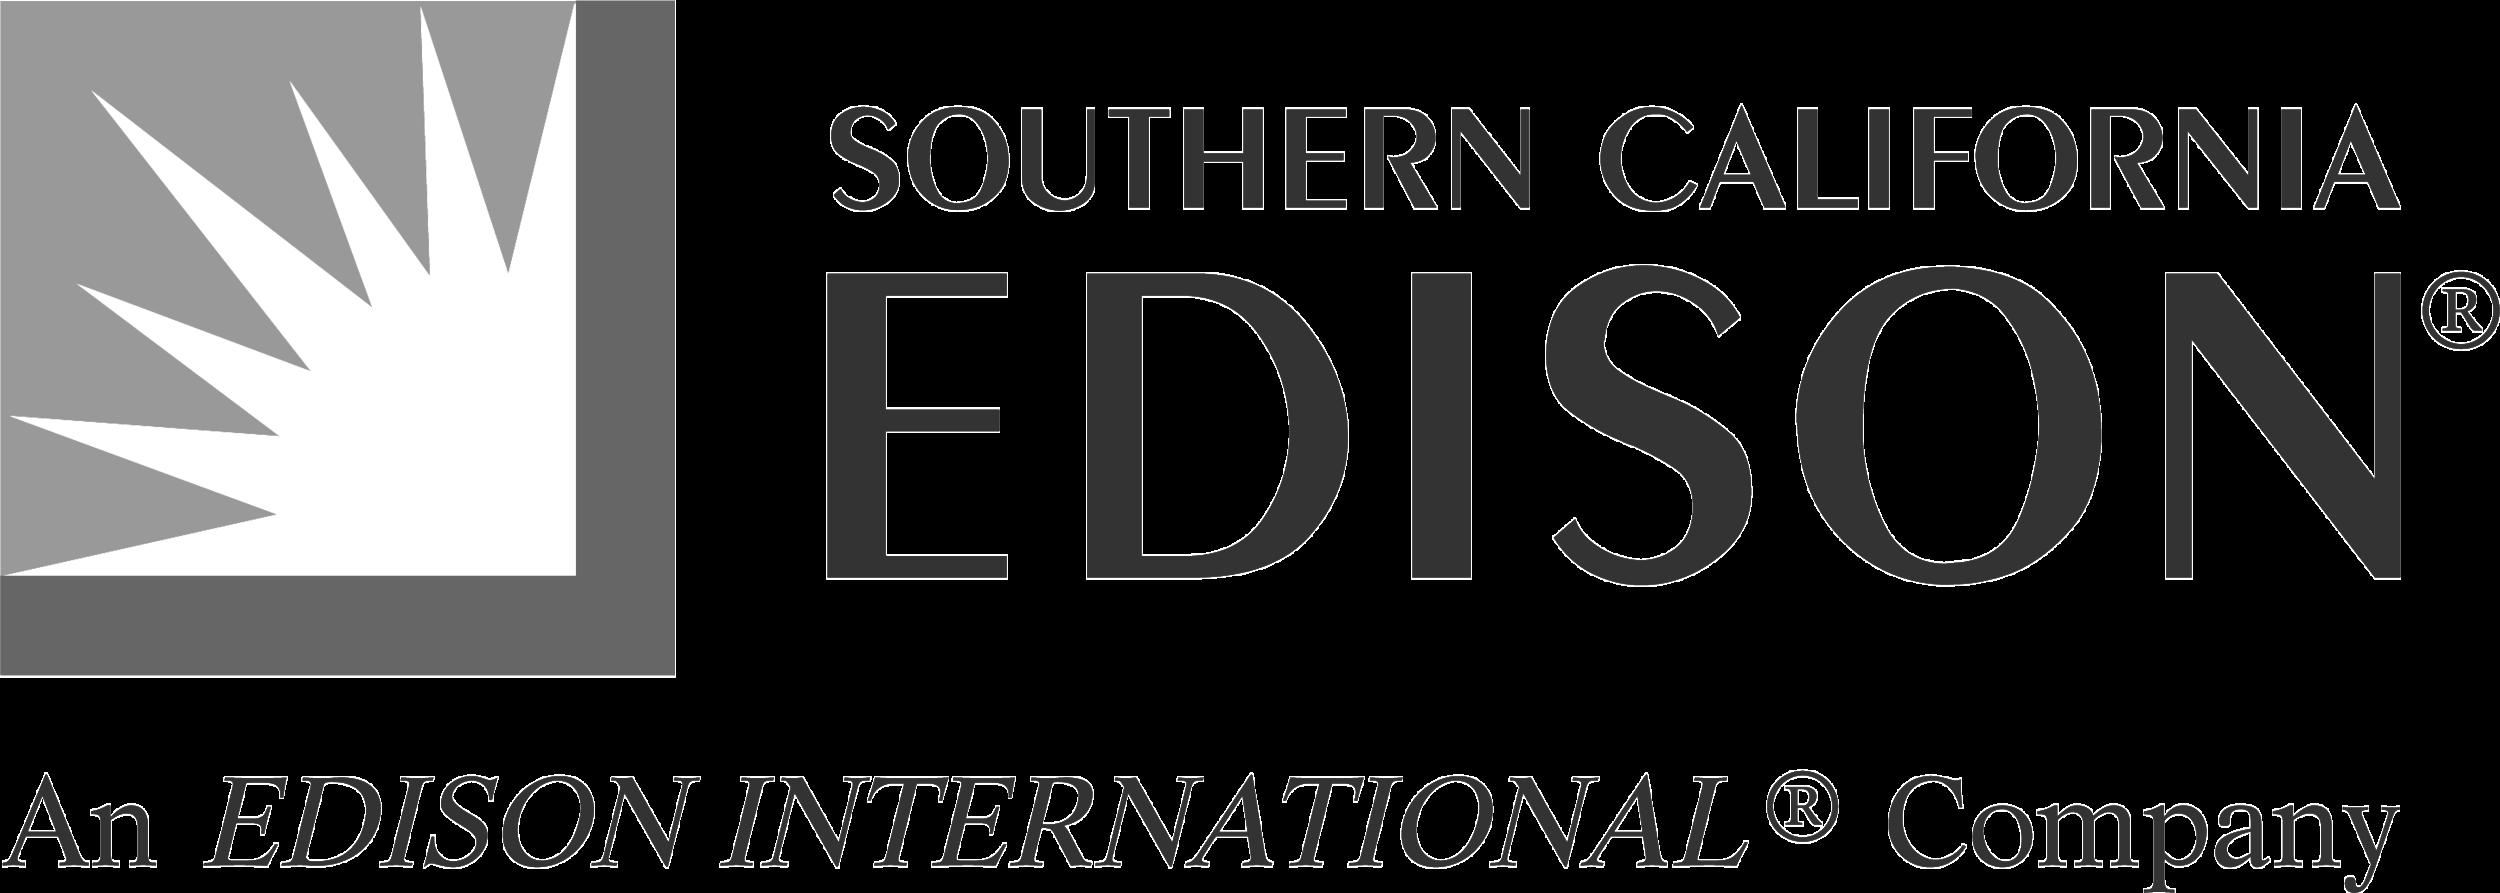 socaledison_logo.png